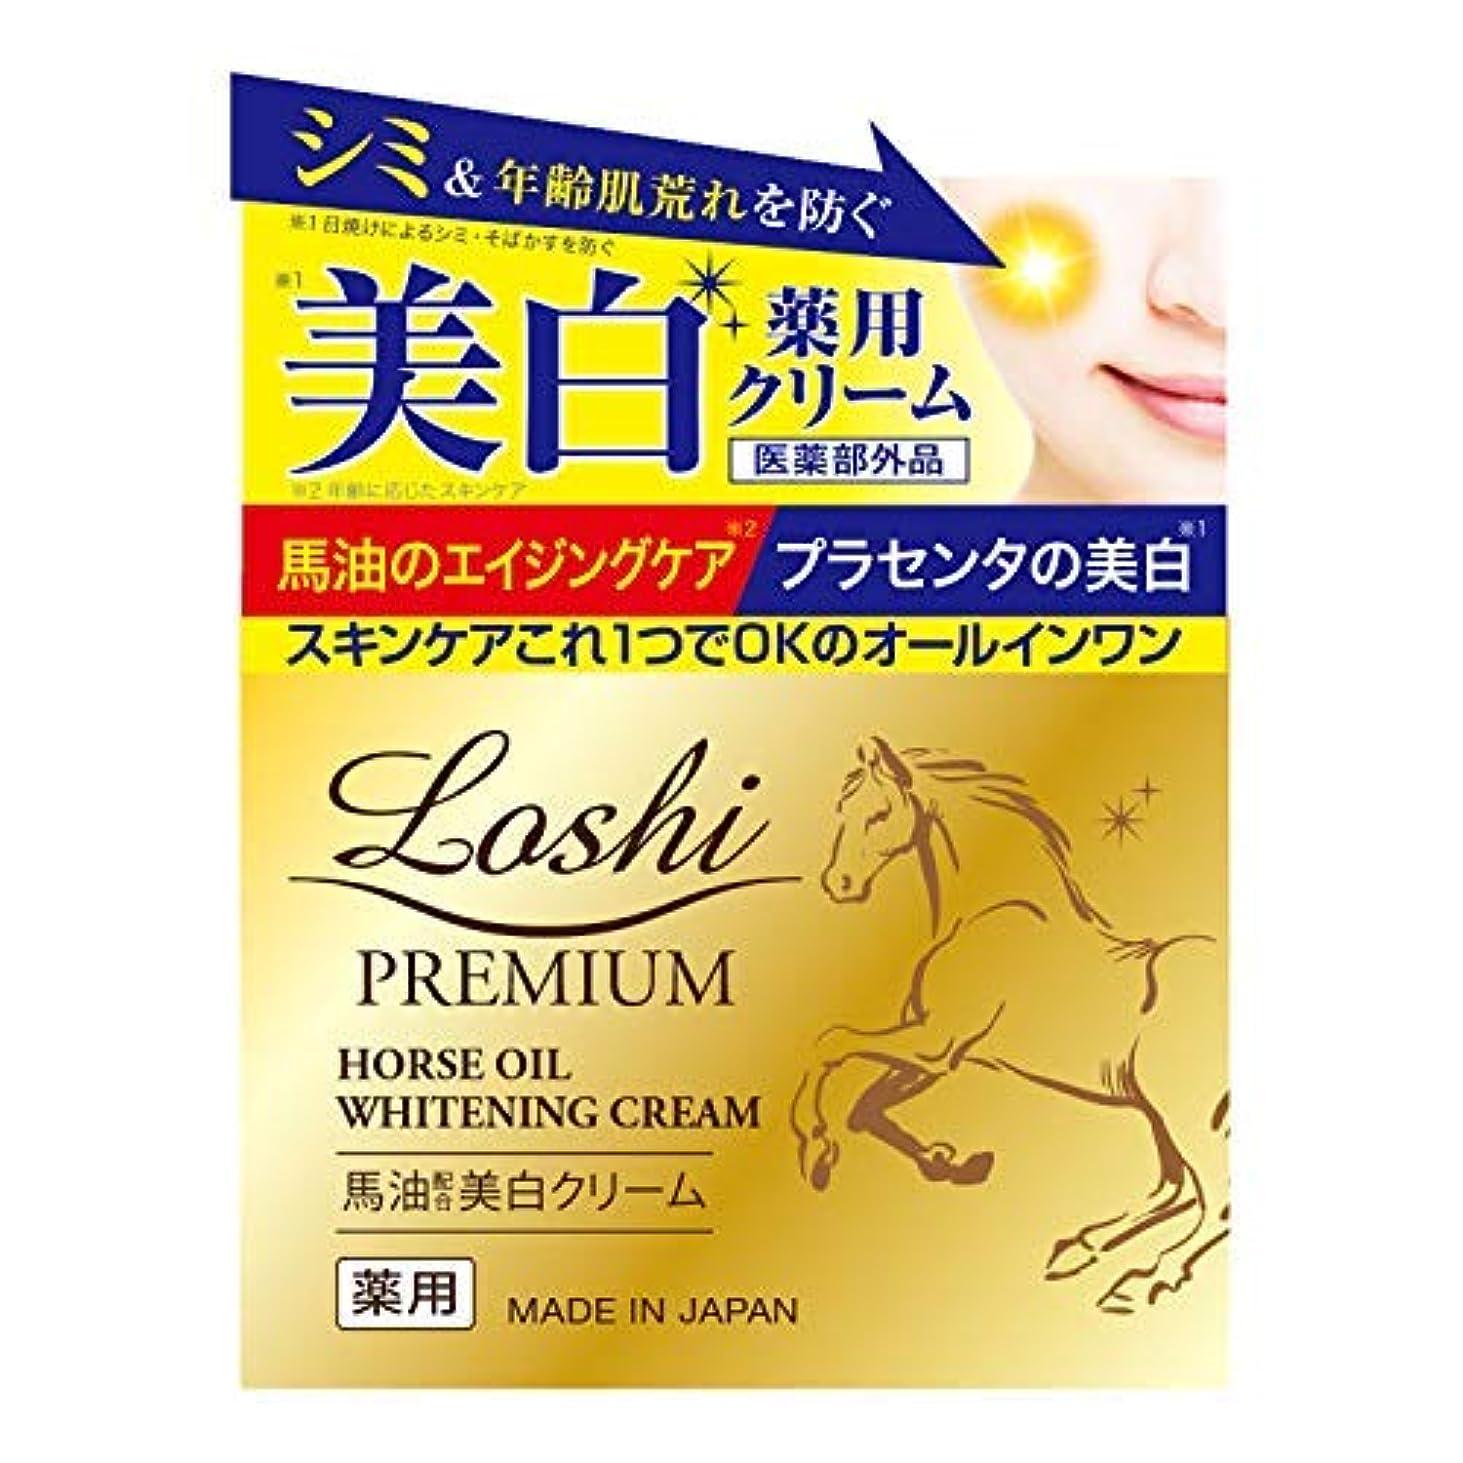 くしゃみ家族変数ロッシプレミアム 薬用ホワイト馬油配合スキンクリーム × 6個セット